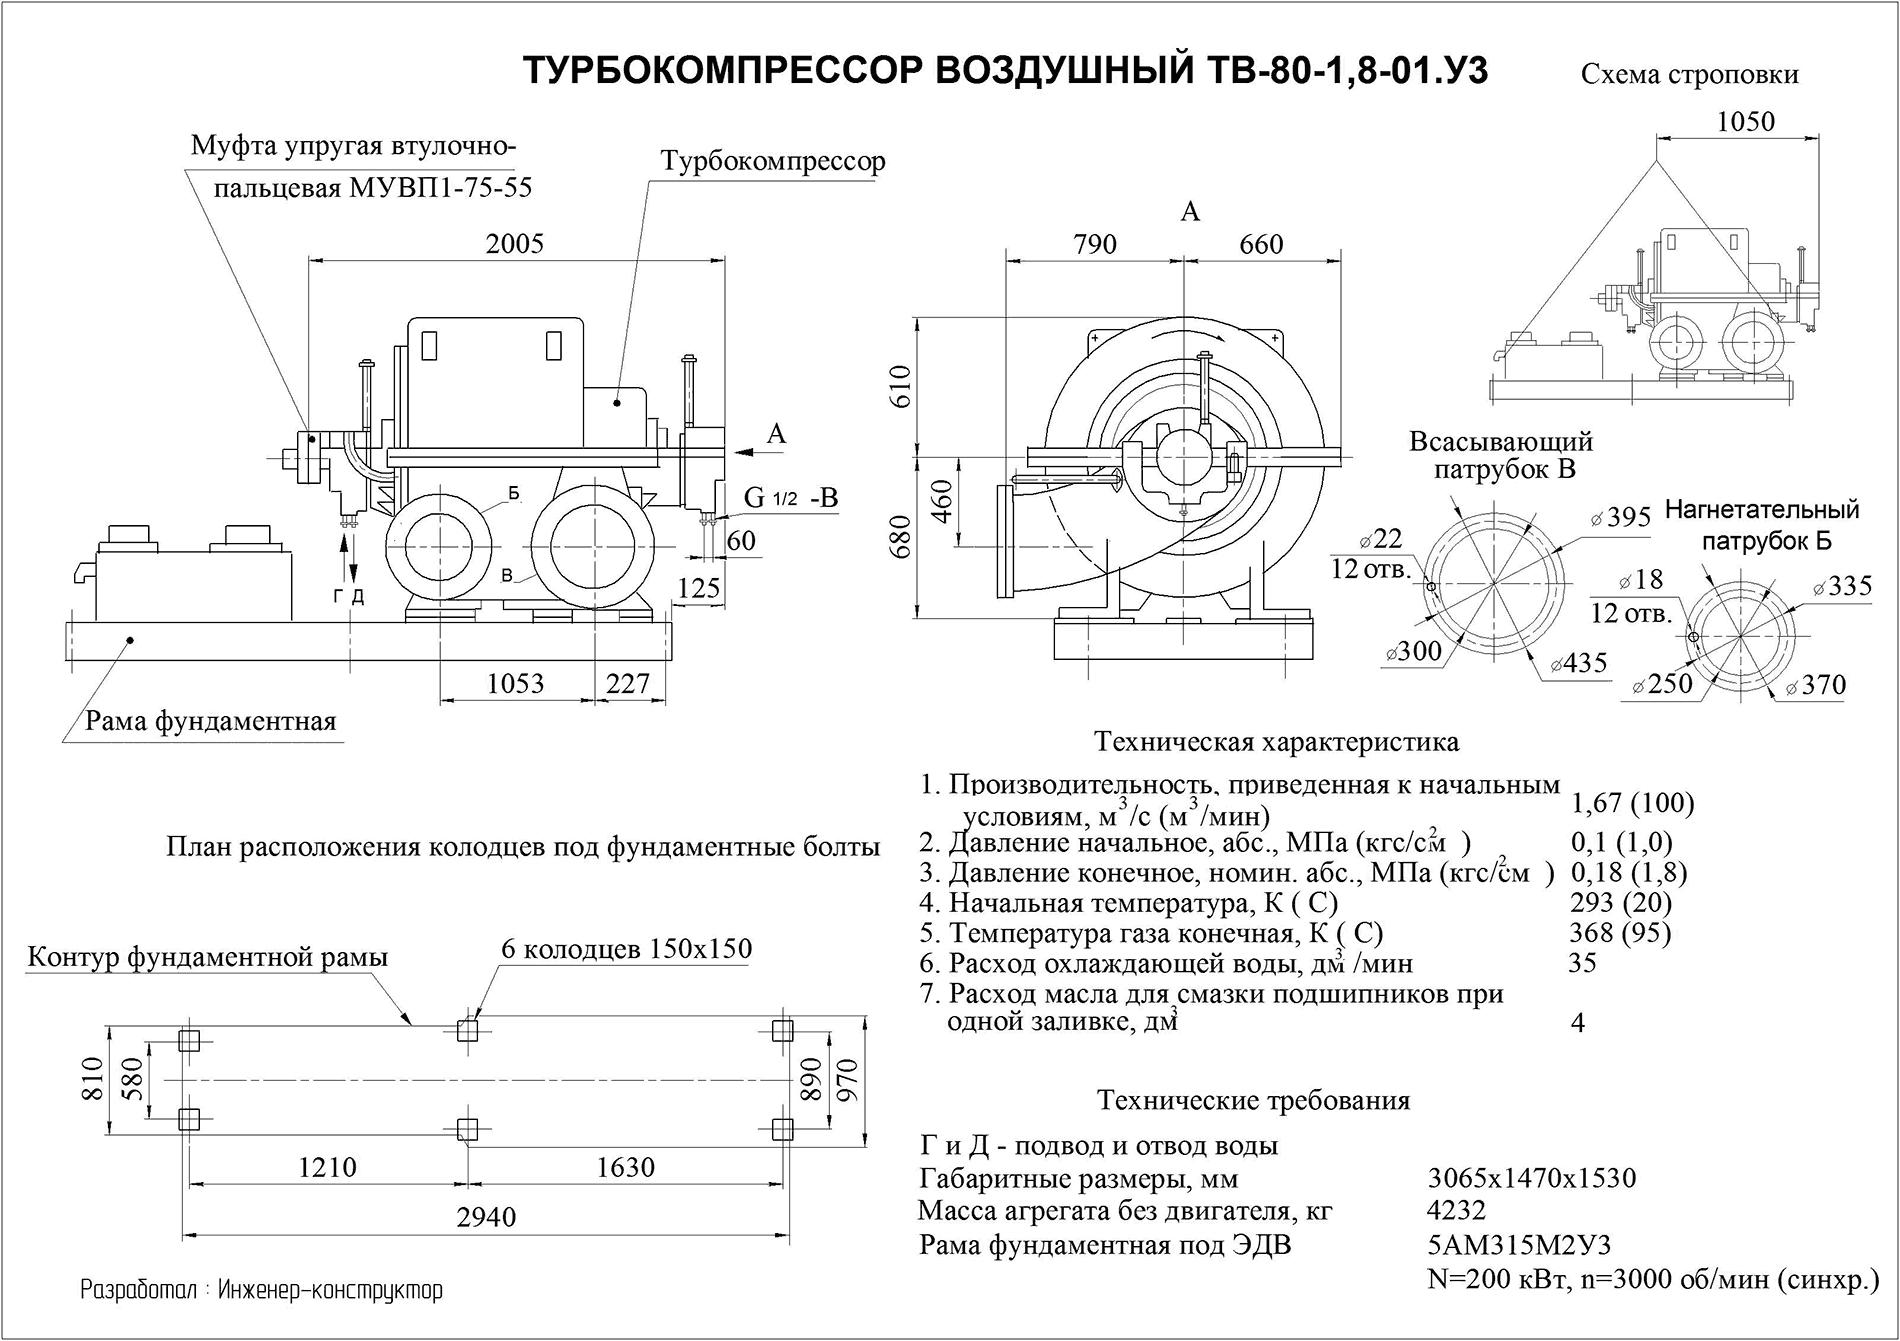 Техническое описание ТВ-80-1,8-01У3